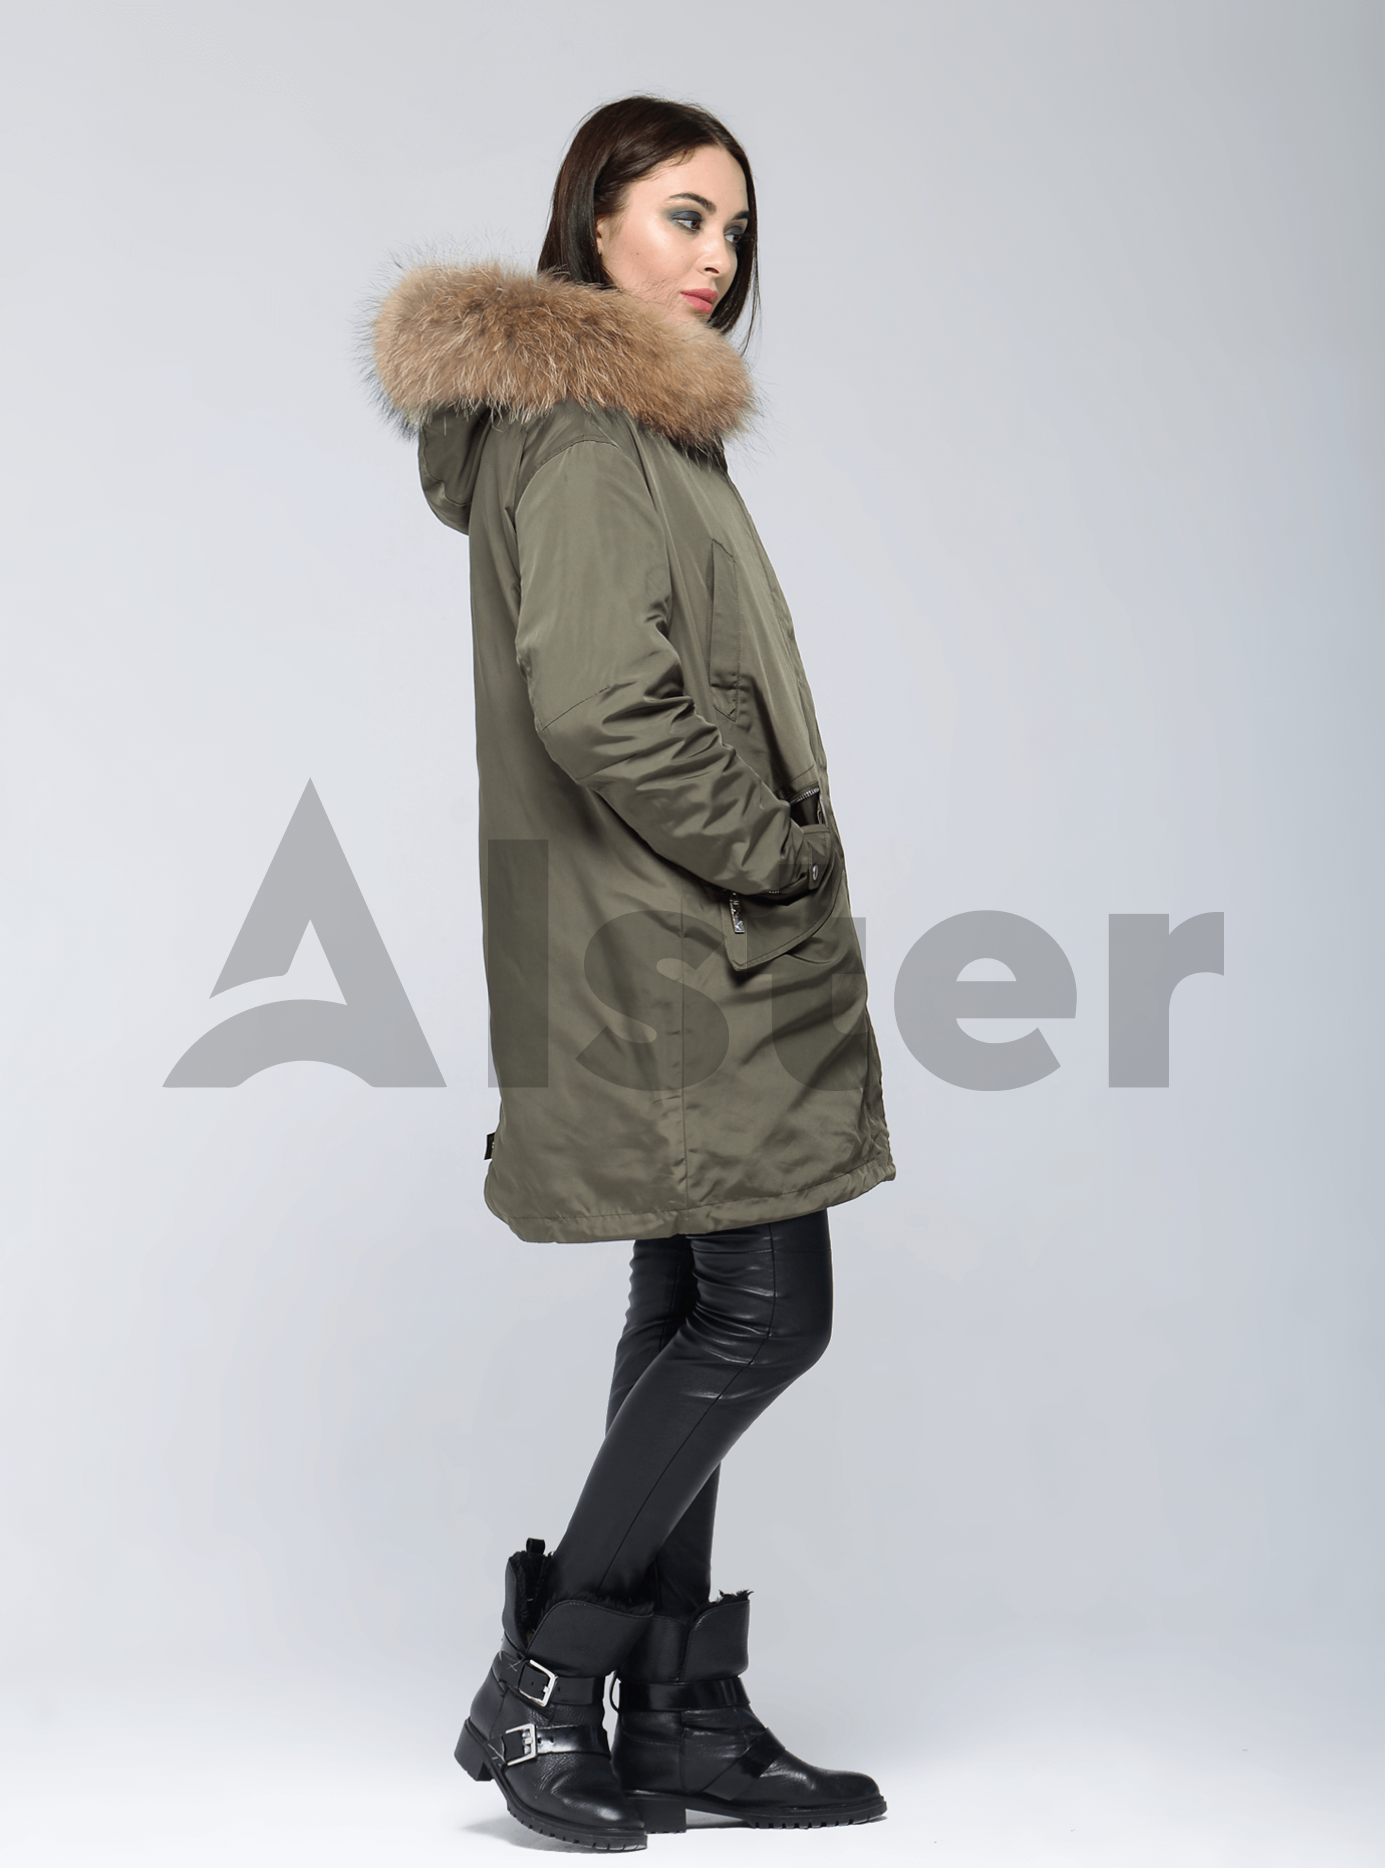 Куртка зимняя длинная двойная с мехом енота Хаки M (05-V191262): фото - Alster.ua